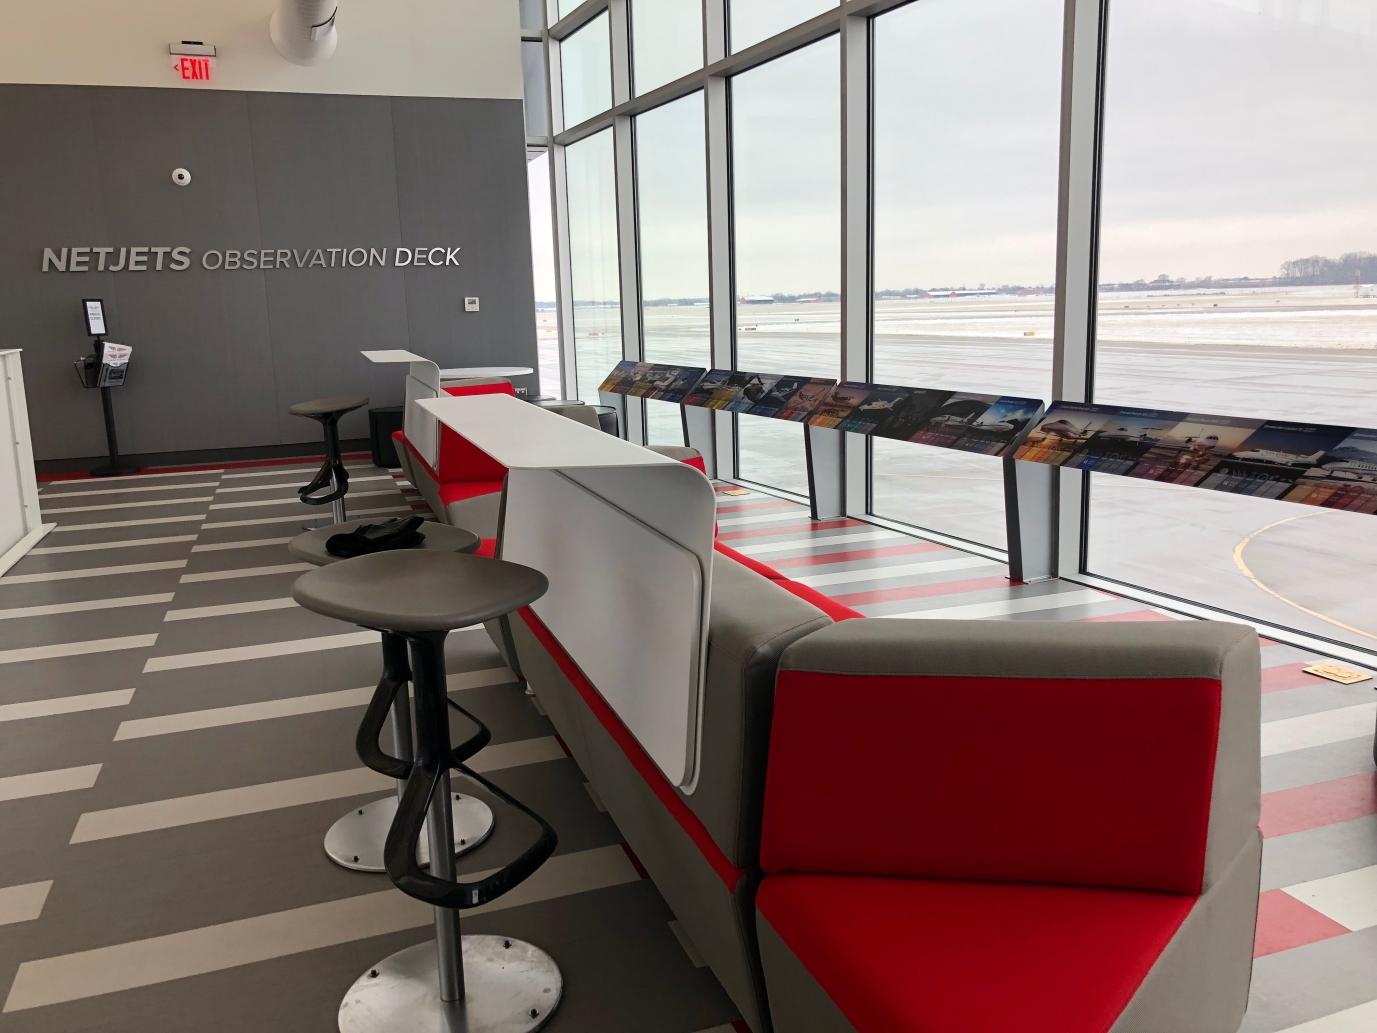 NetJets Observation Deck at OSU Airport